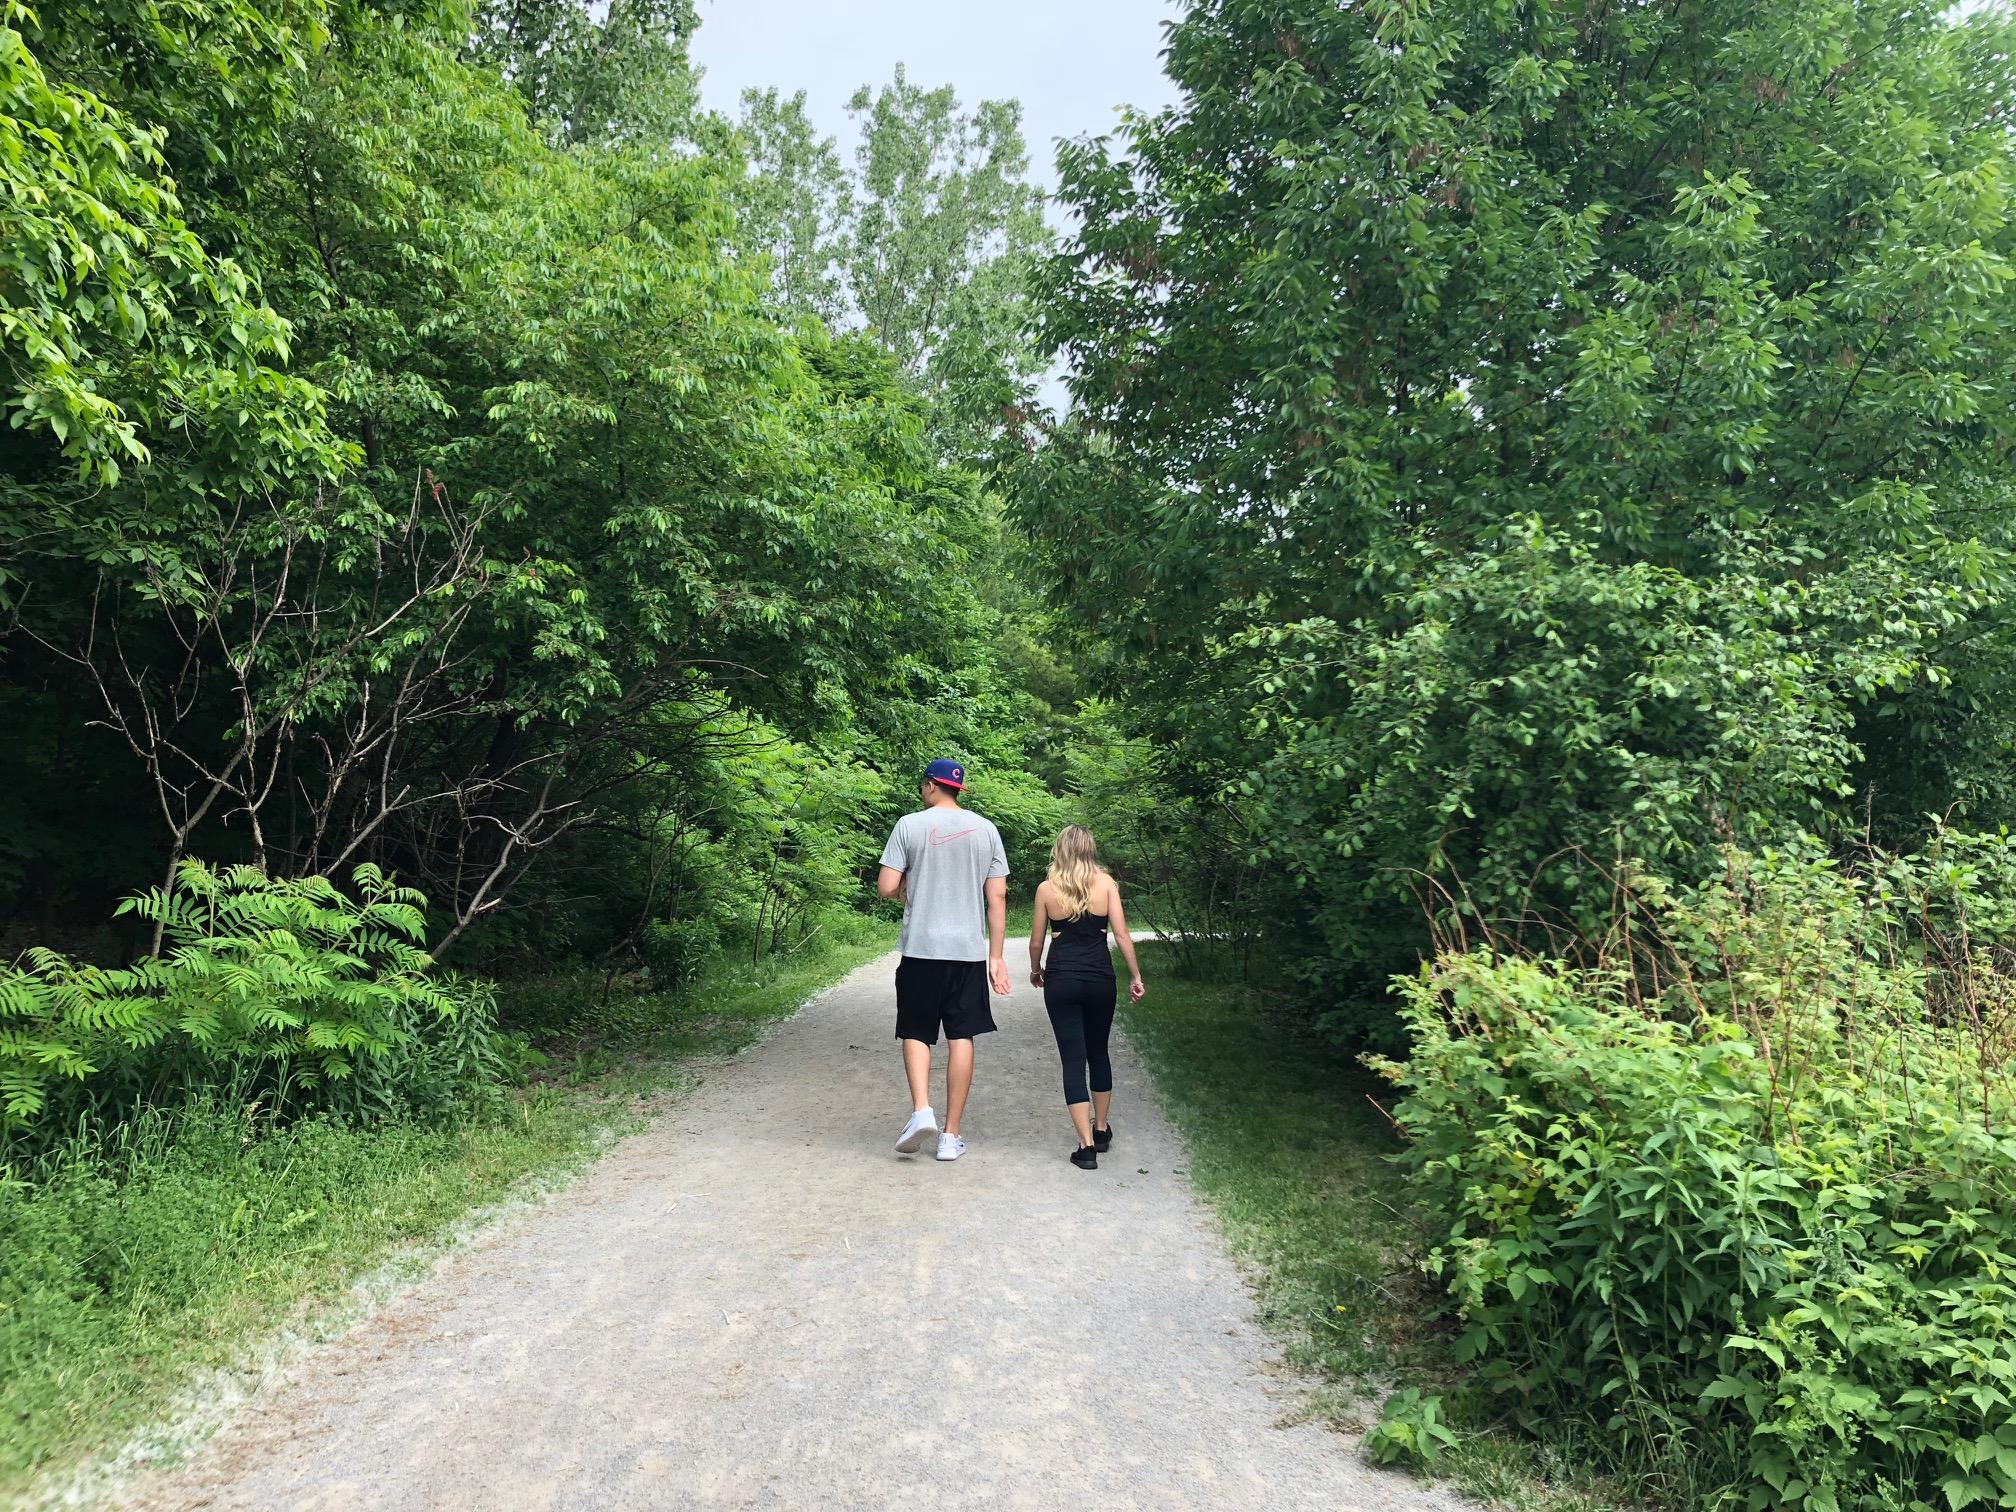 trails2.jpeg